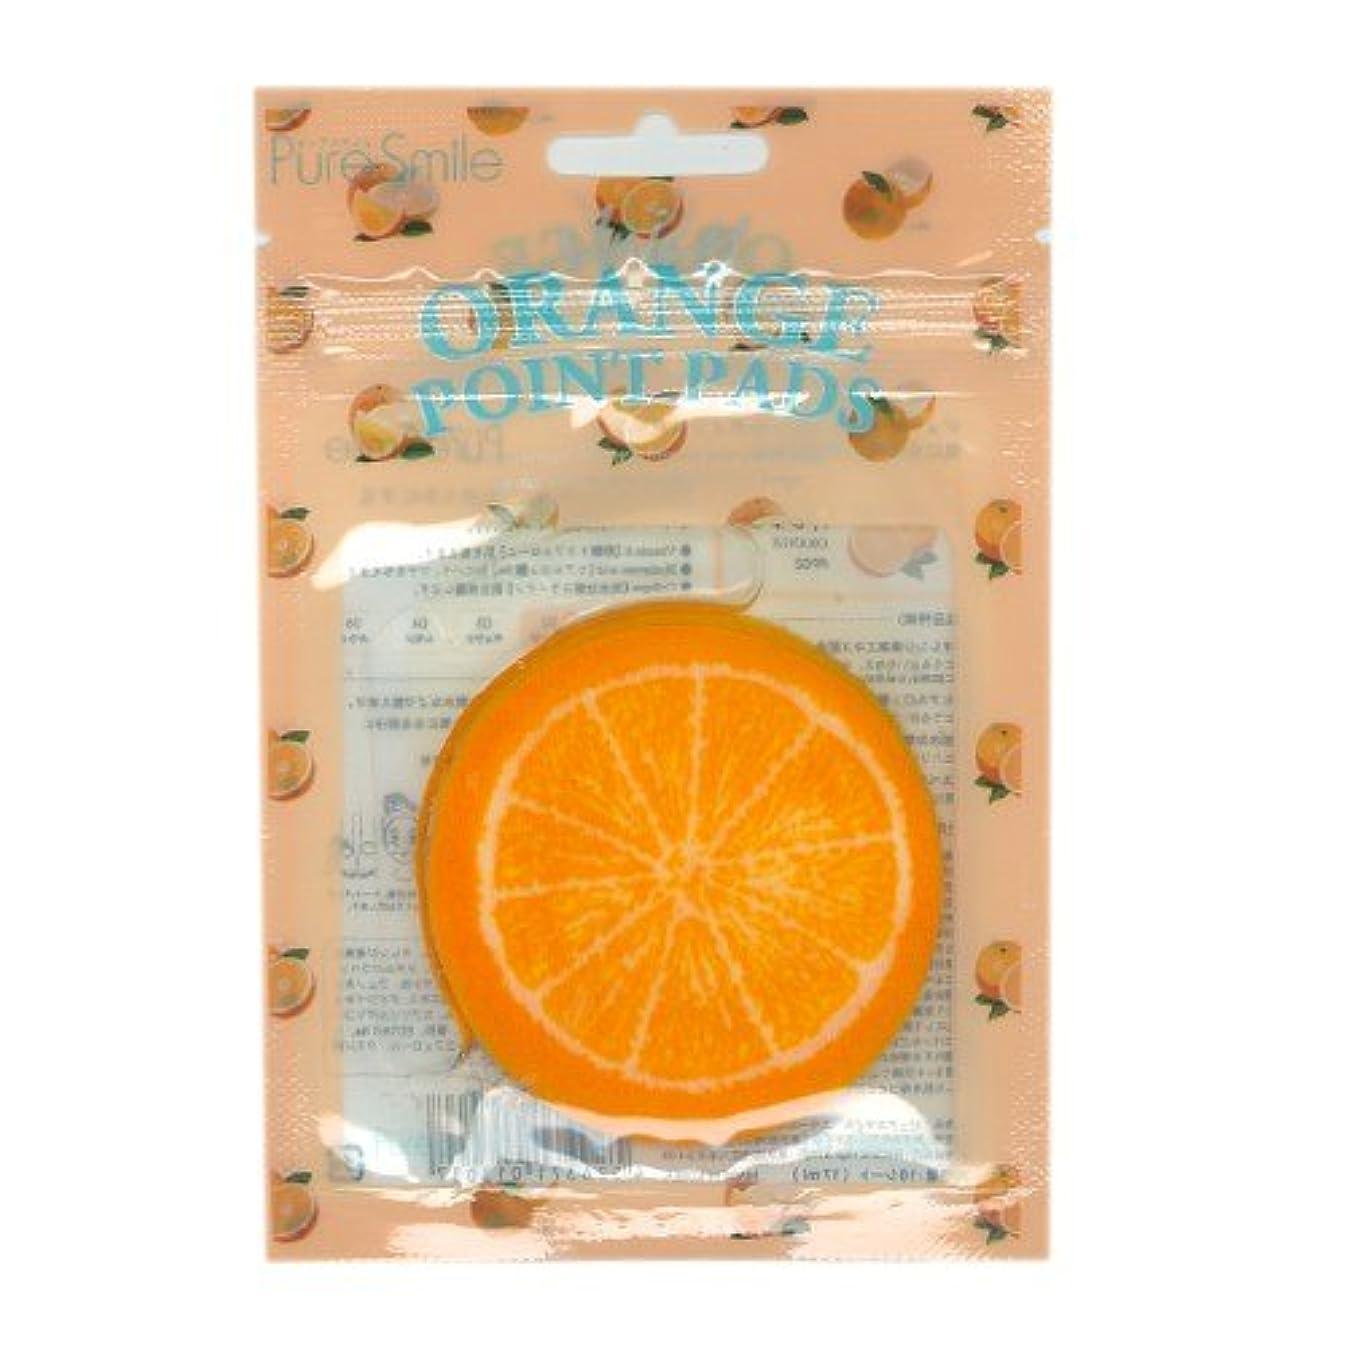 贅沢な半円注入ピュアスマイル ポイントパッド PP02 オレンジ